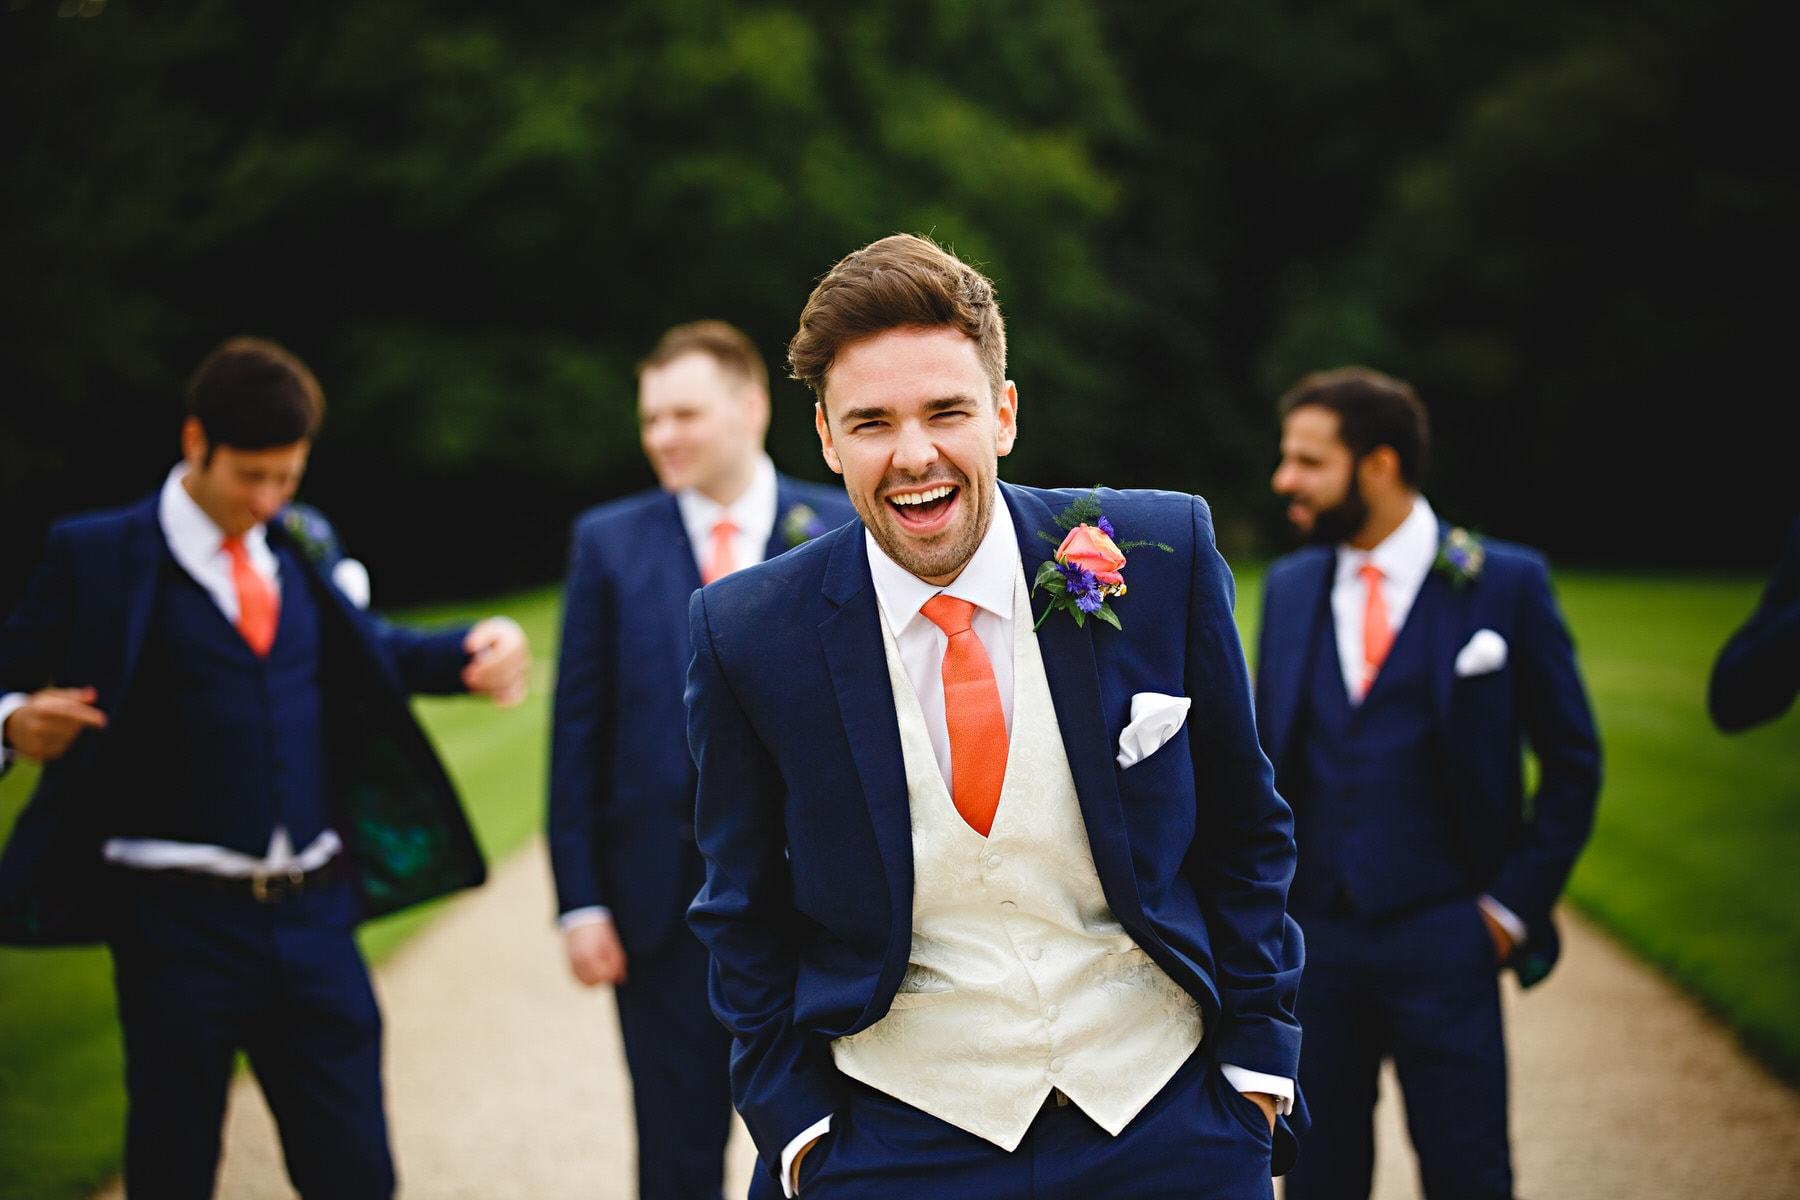 groom and groomsmen in blue